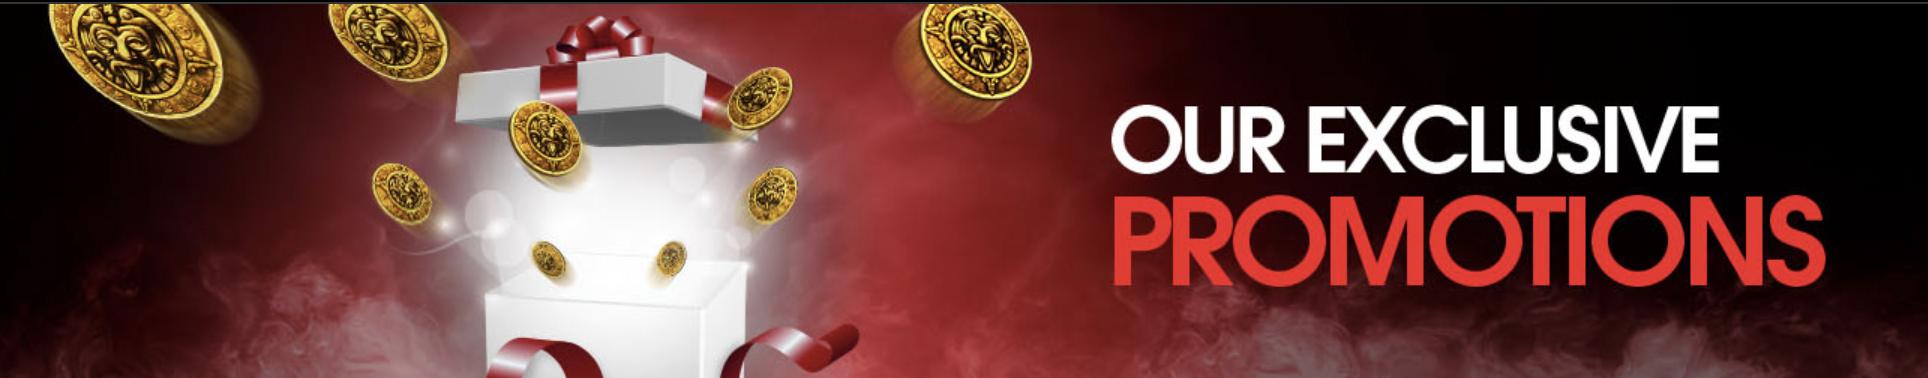 scores casino promotions in nj